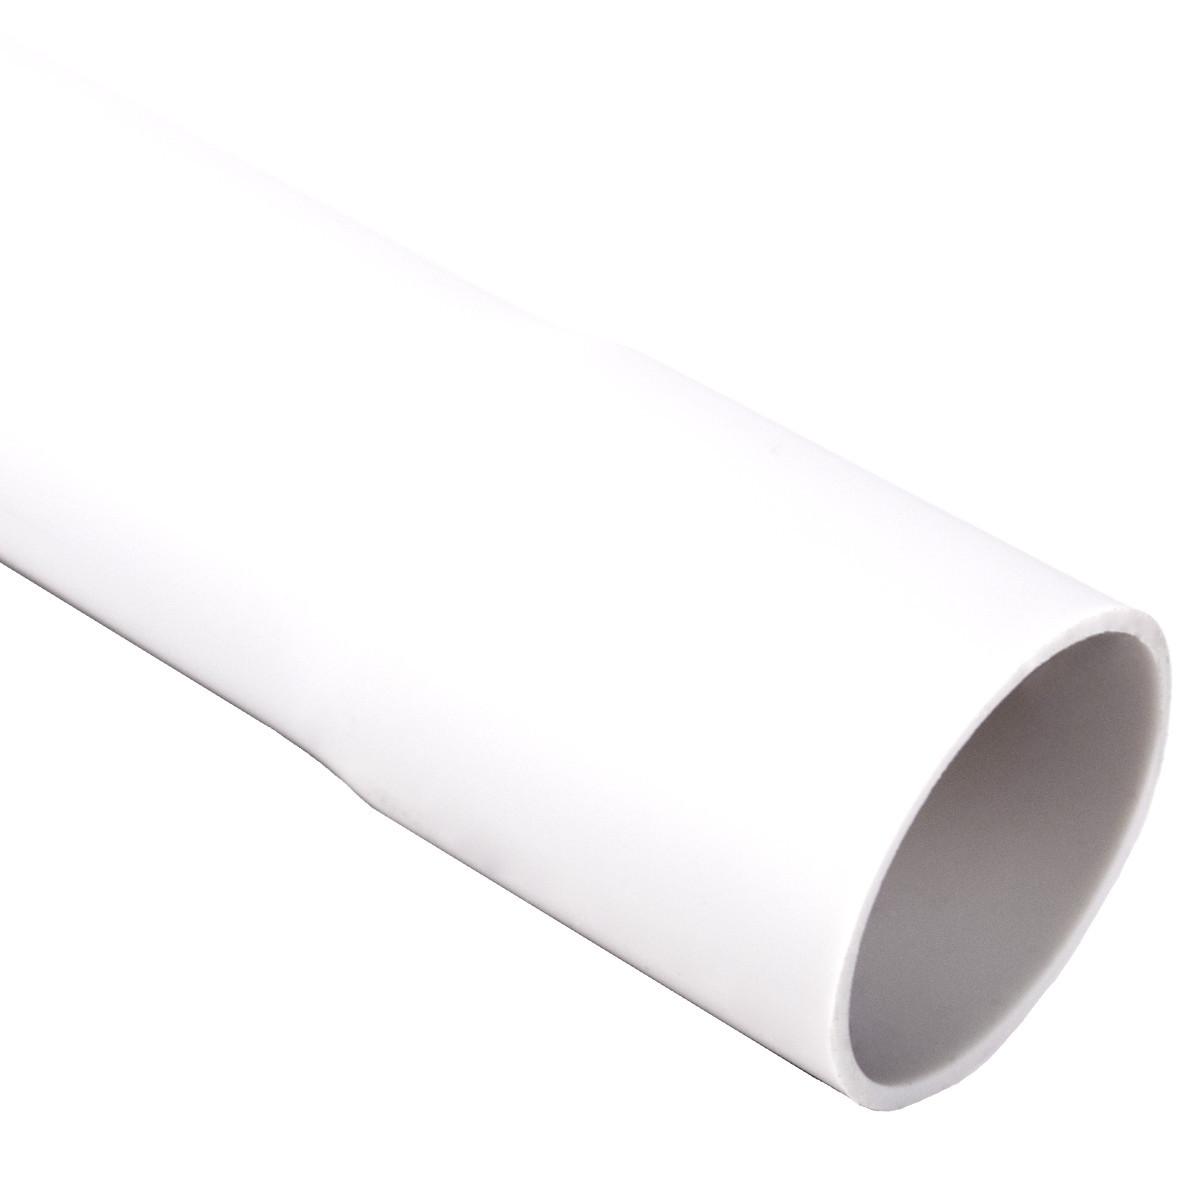 Труба жорстка 320 N/5см з раструбом для з'єднання; Ø50мм; ПВХ;; довжина 3м; t застосування -25+60 °с; біла; Упаковка 30 м